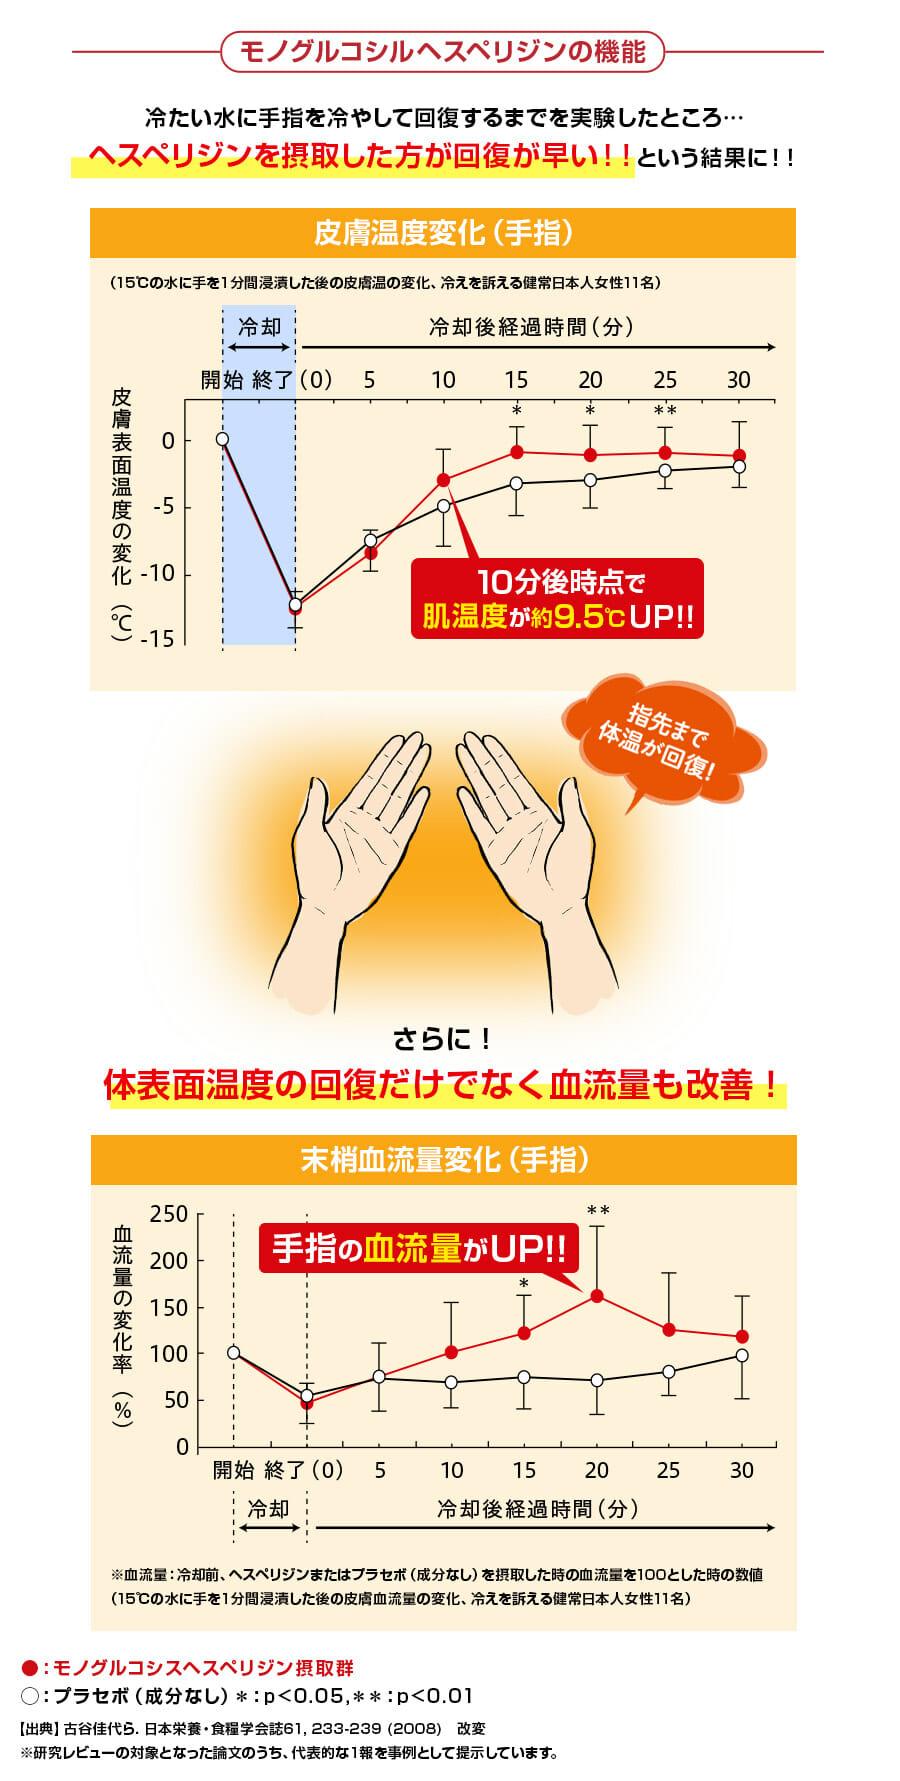 温活成分ヘスペリジンを摂取した人の血流量が改善するか検証した画像